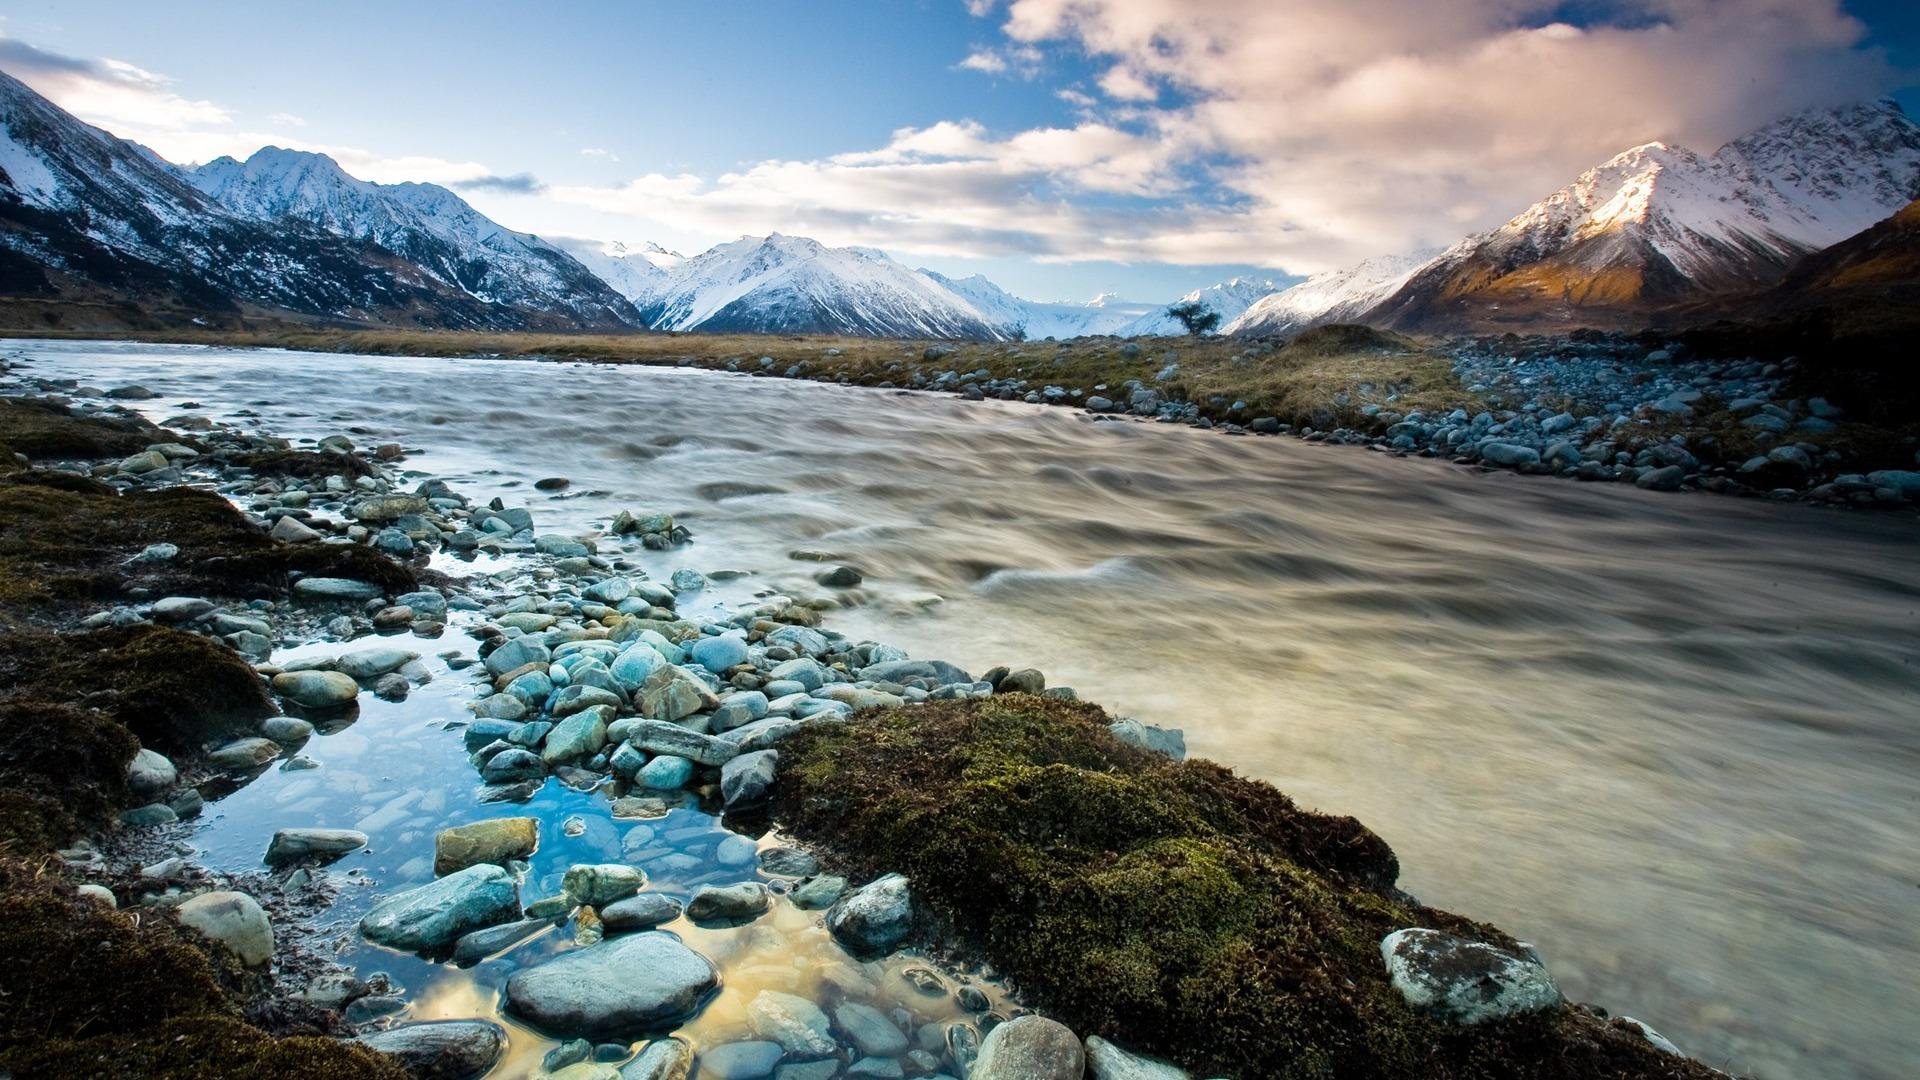 Souvent Nouvelle-Zélande papier peint paysage pittoresque #26 - 1920x1080  IA95